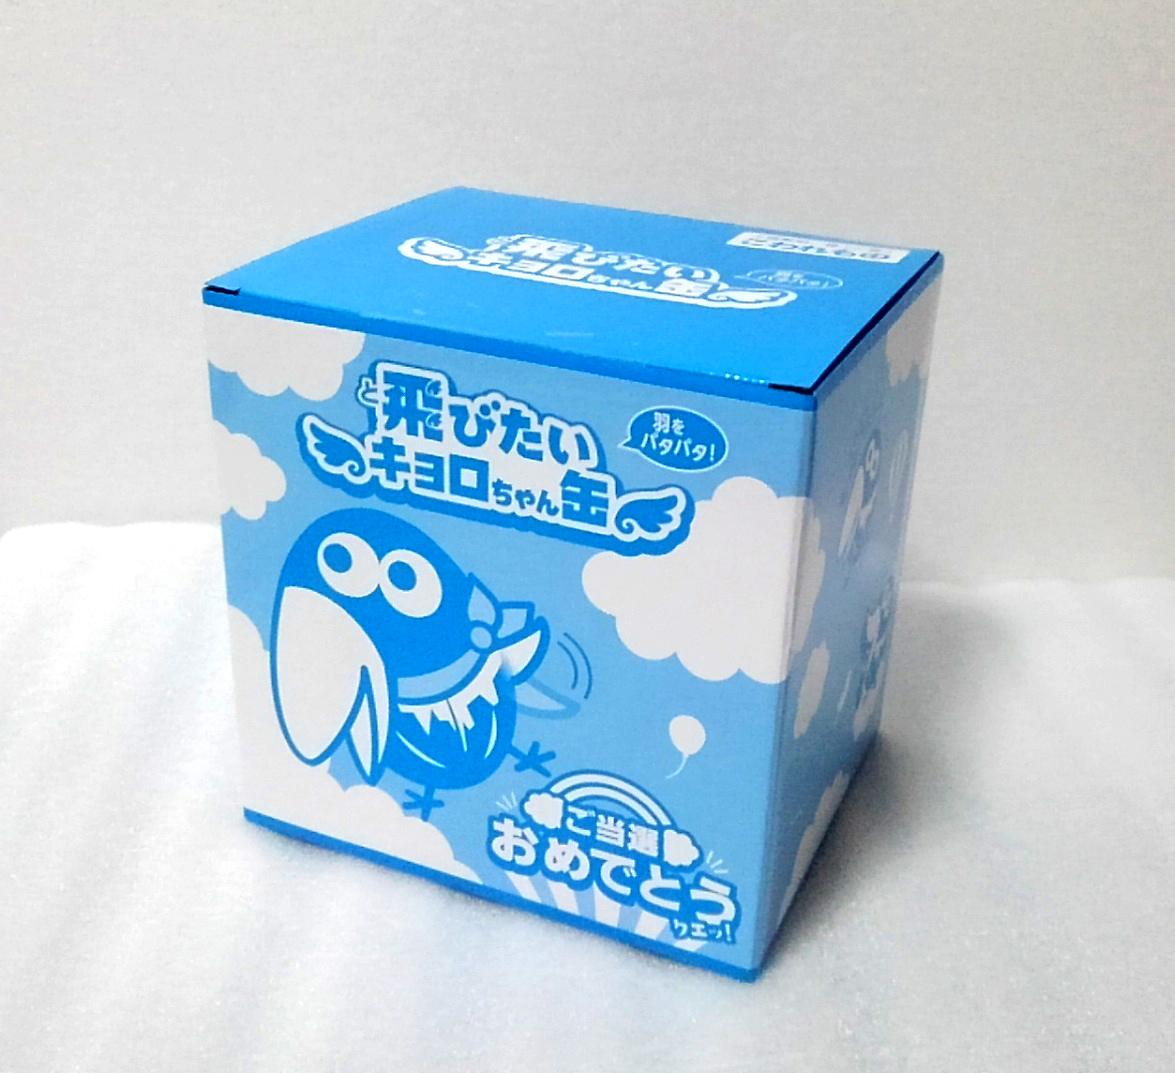 即決 新品 未開封 飛びたい キョロちゃん缶 おもちゃのカンヅメ 缶詰 金 銀 の エンゼル で貰える森永 チョコボール _画像4